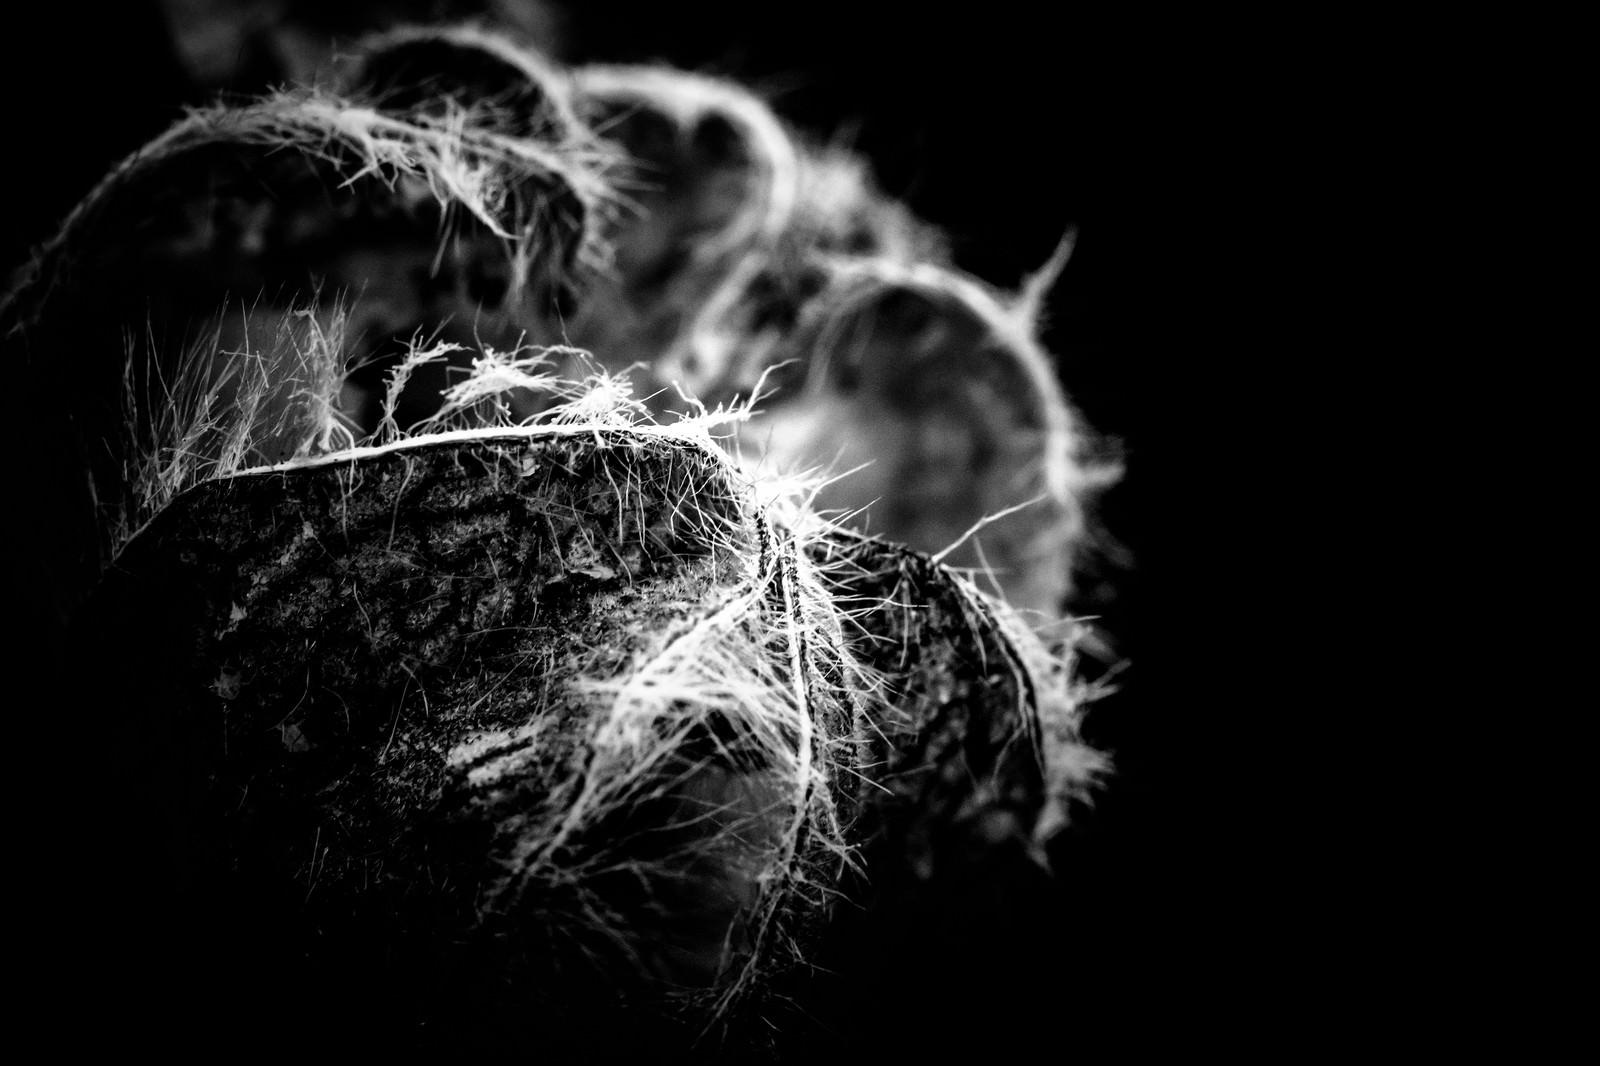 「サボテンの繊維(モノクロ)」の写真